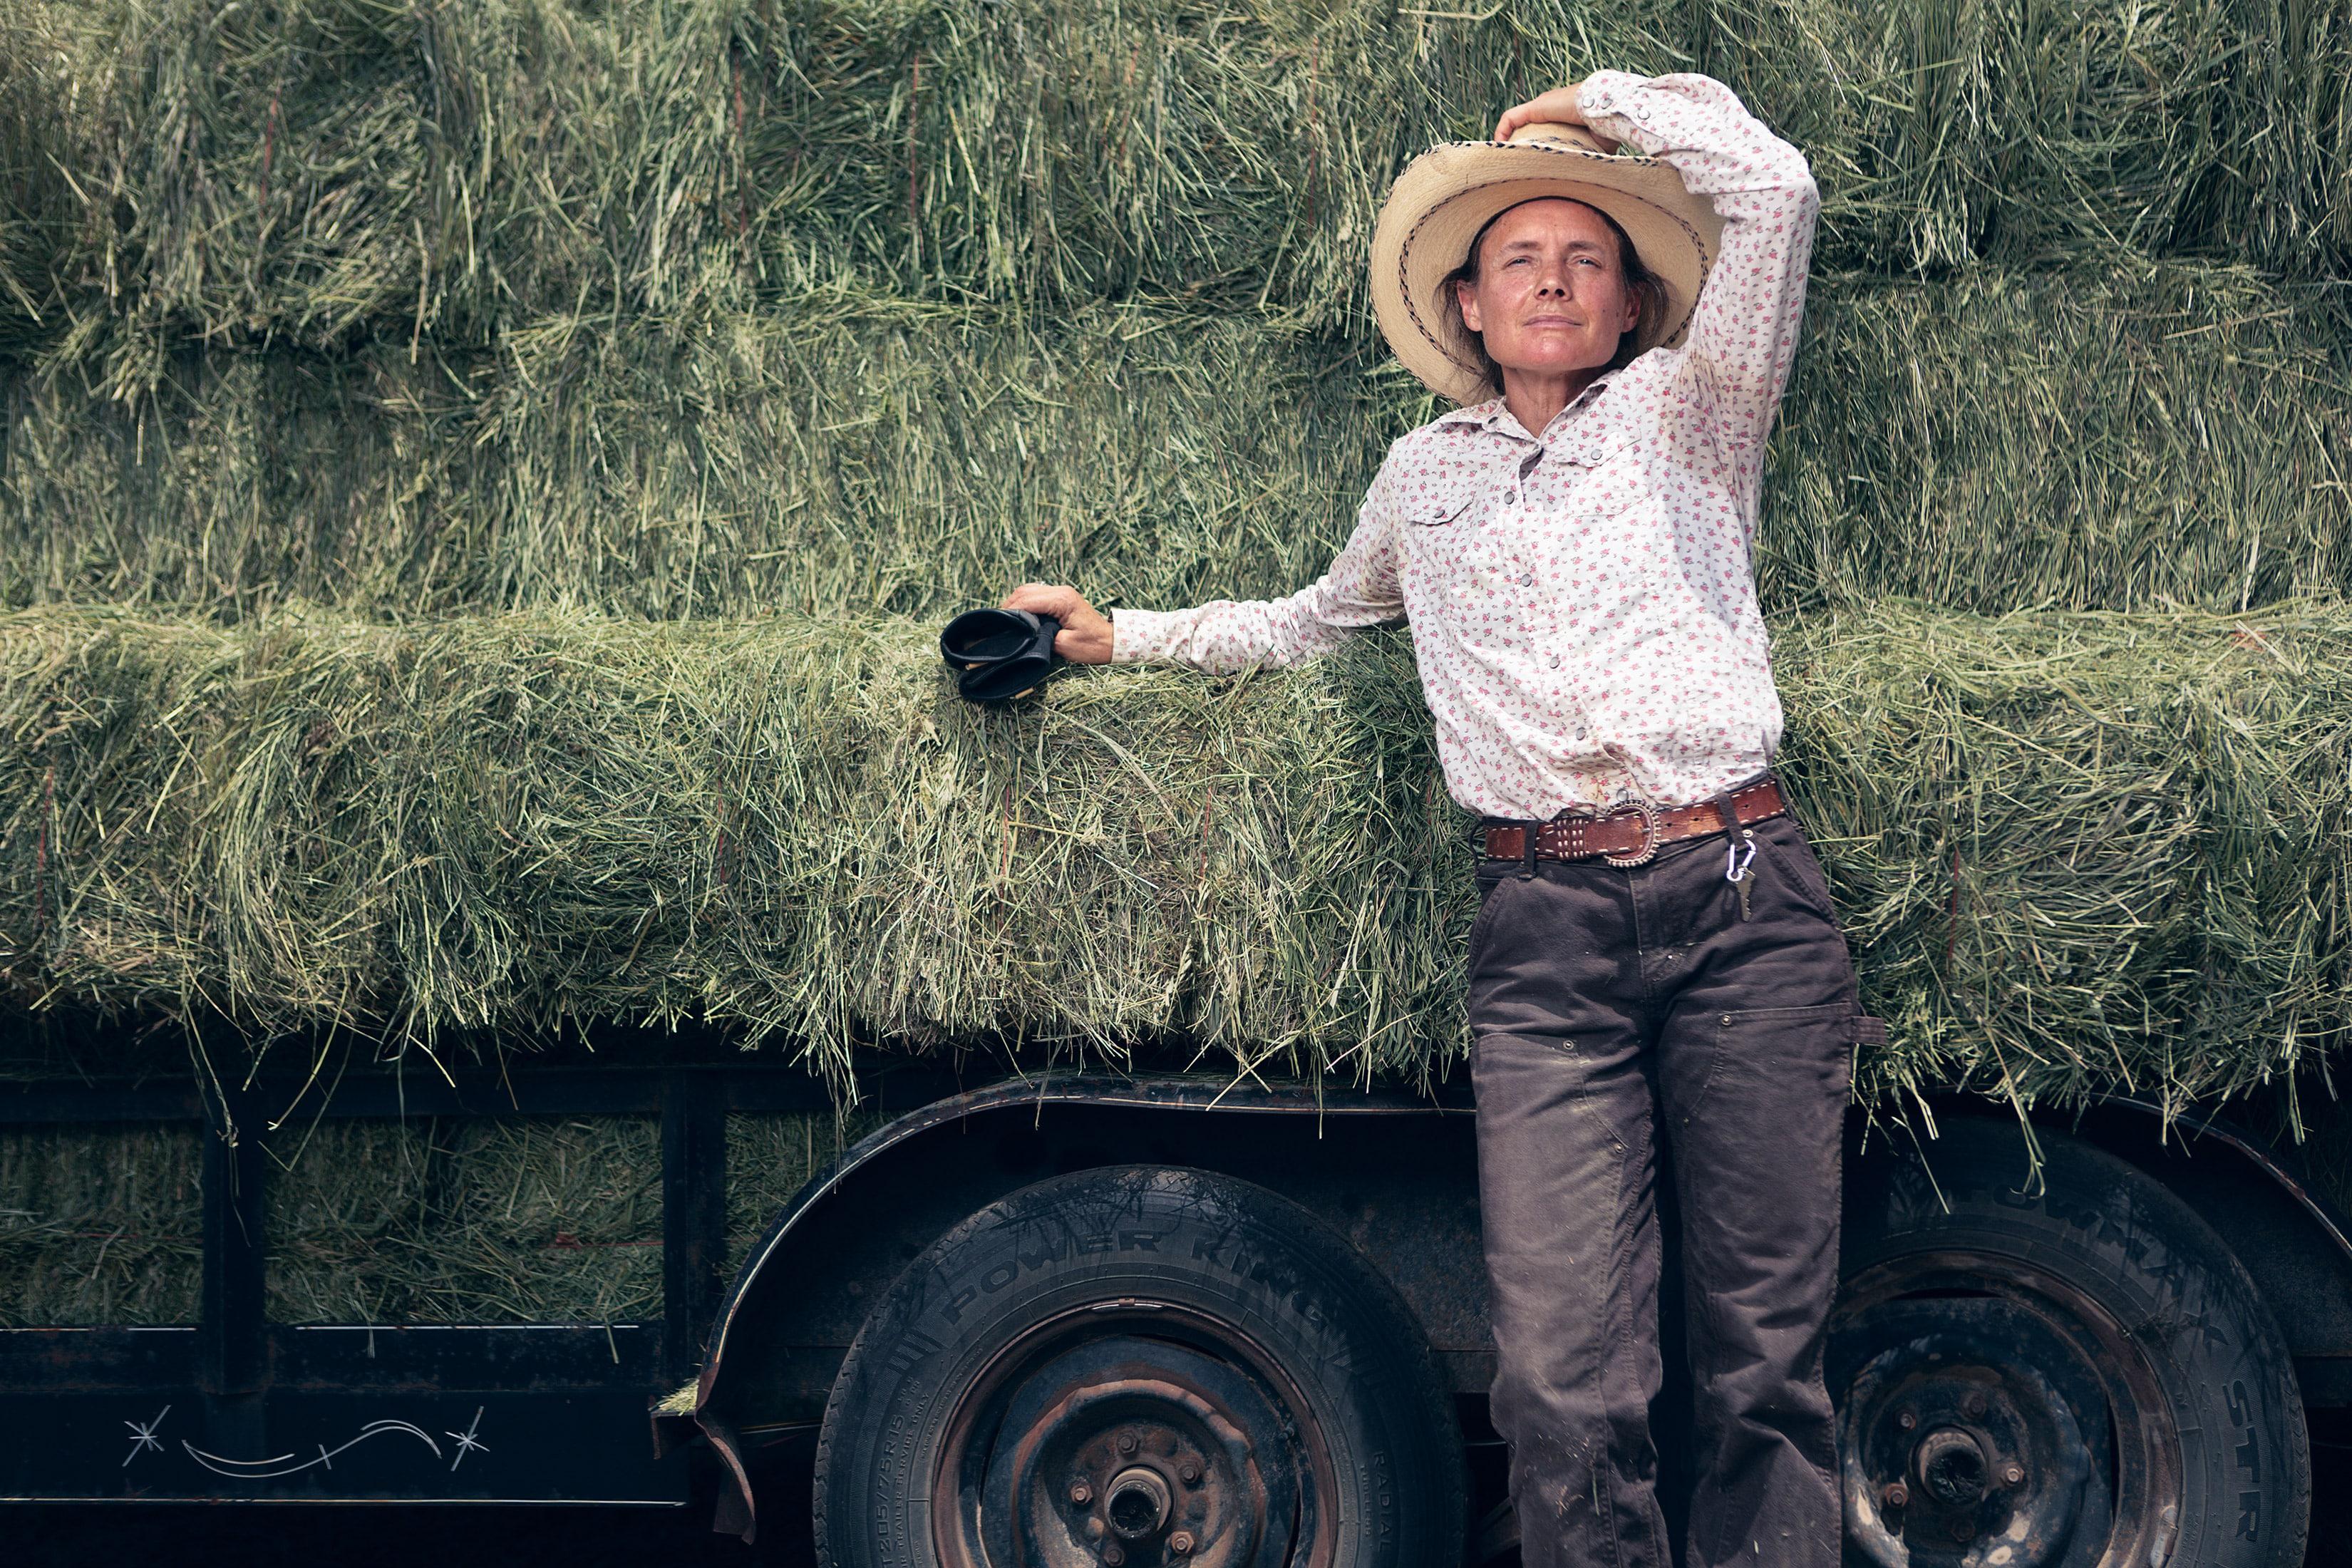 Hay-Makin'